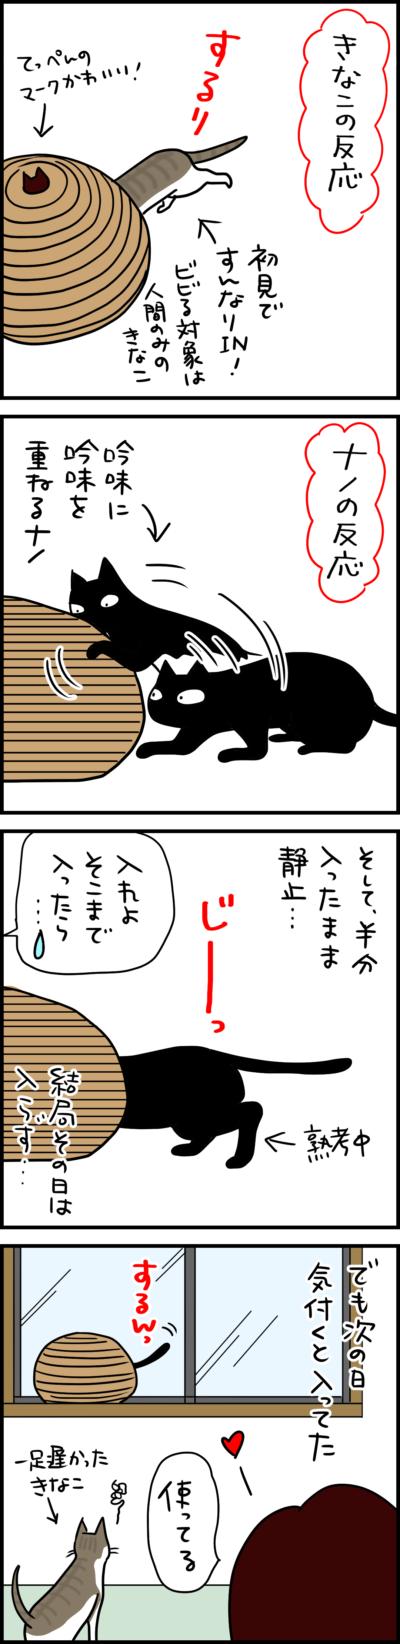 猫壱猫のくらナノときなこの場合の猫まんが